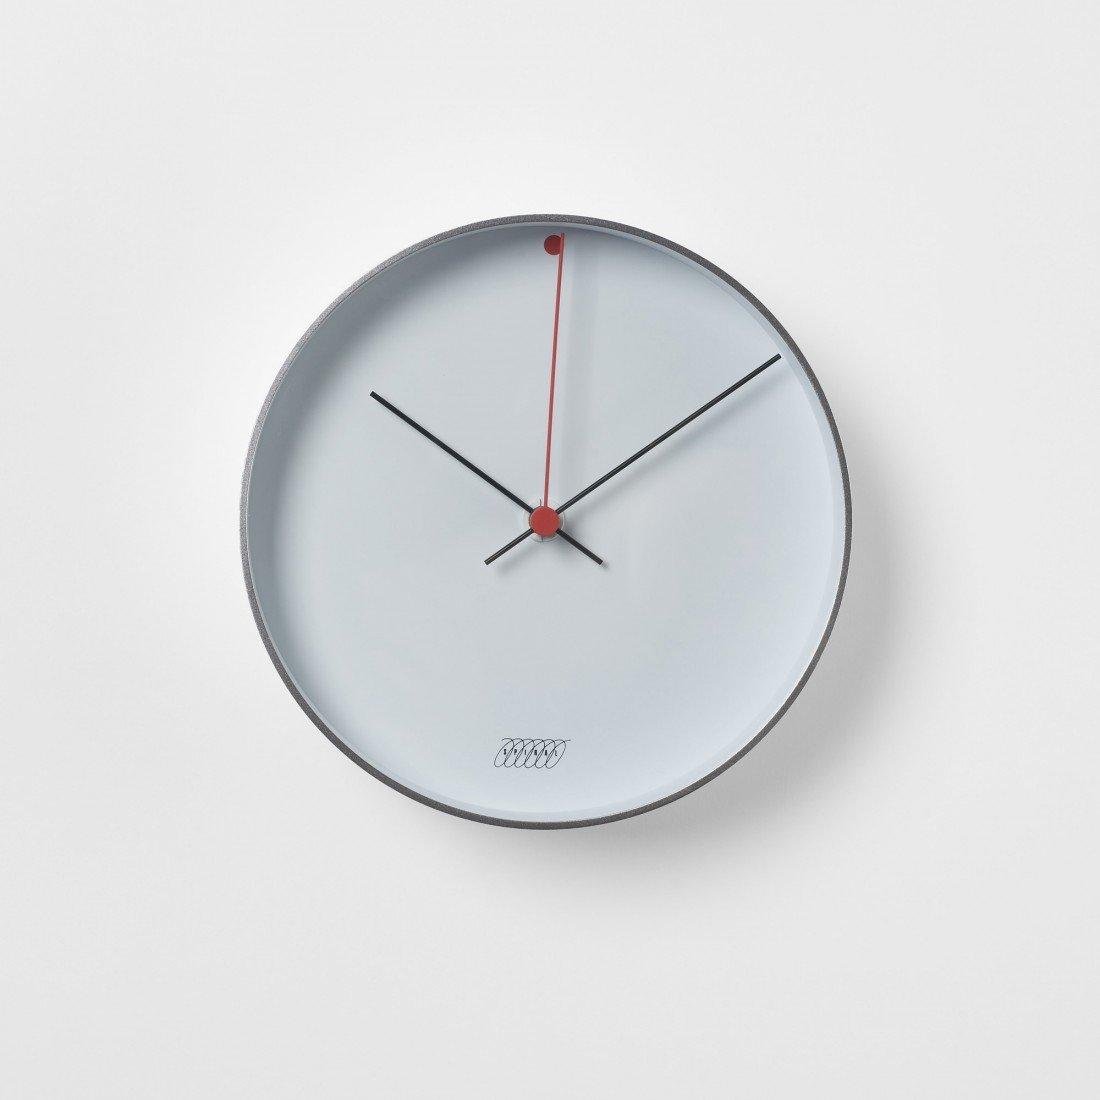 160: Shiro Kuramata Spiral clock